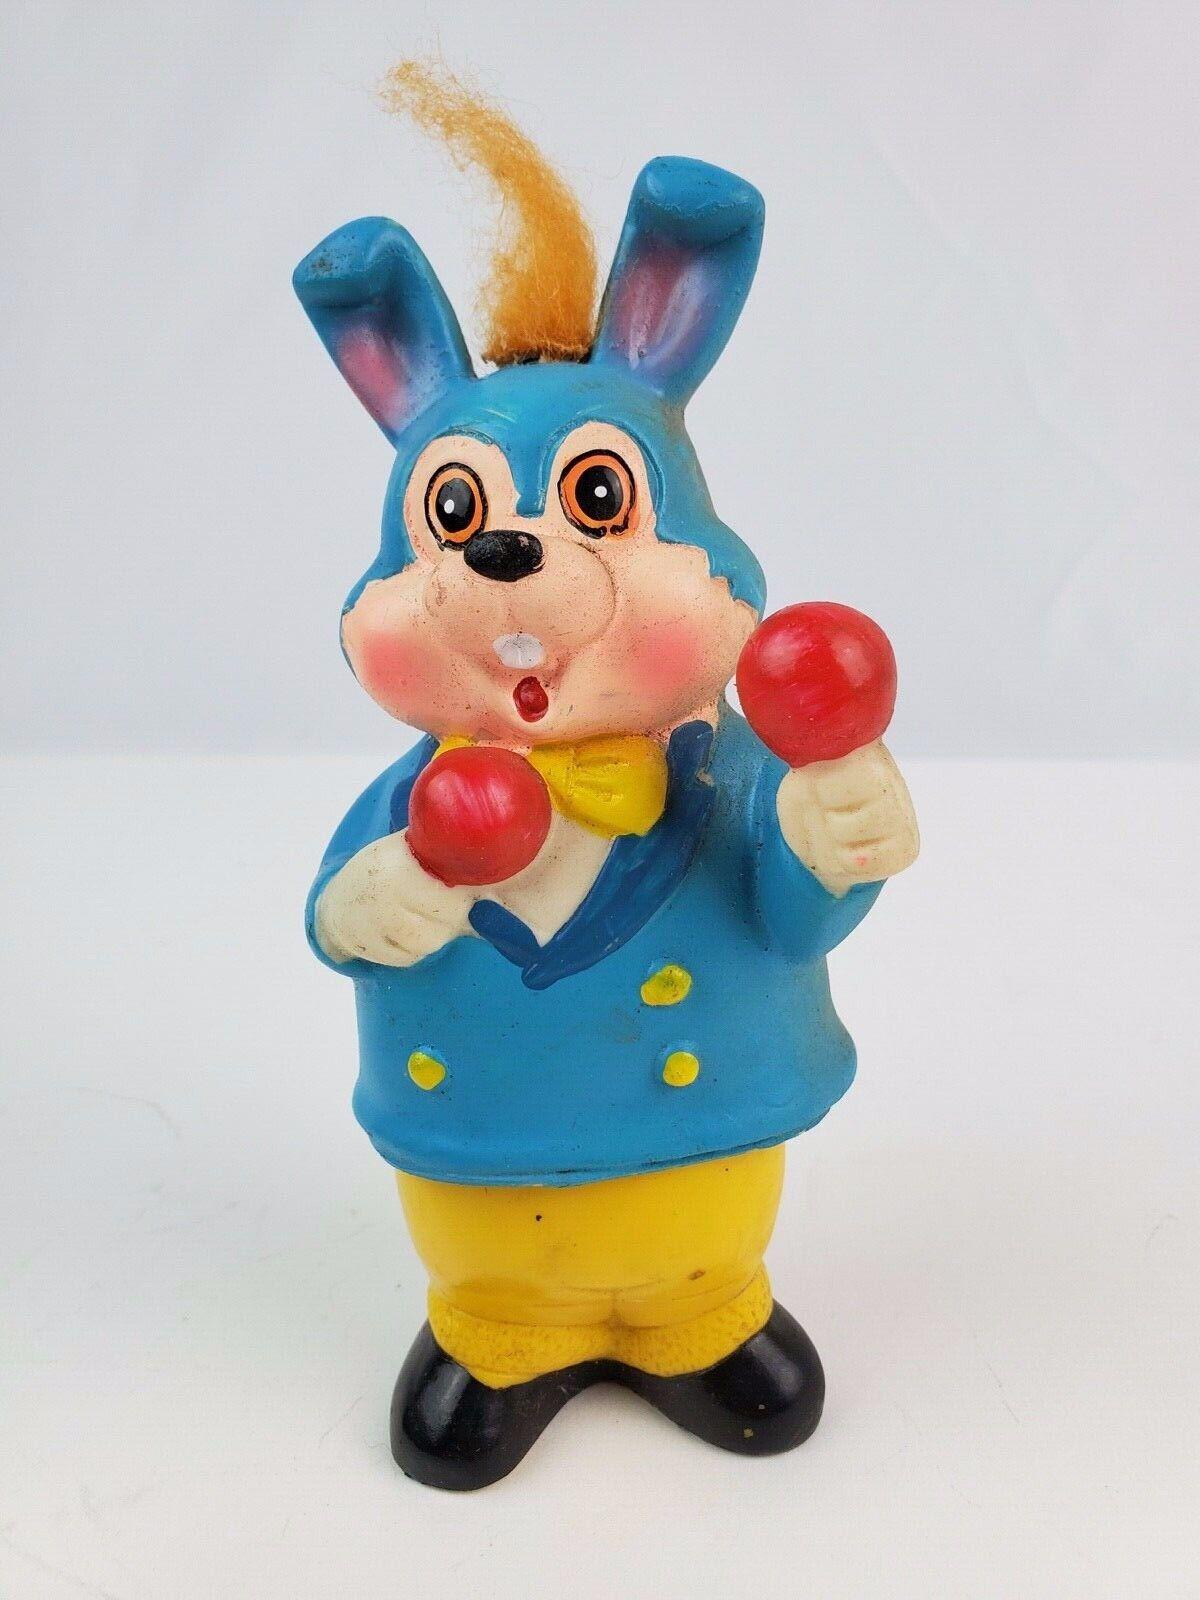 Vintage Cuerda plástico azul y amarillo bailando Conejo de Japón de trabajo